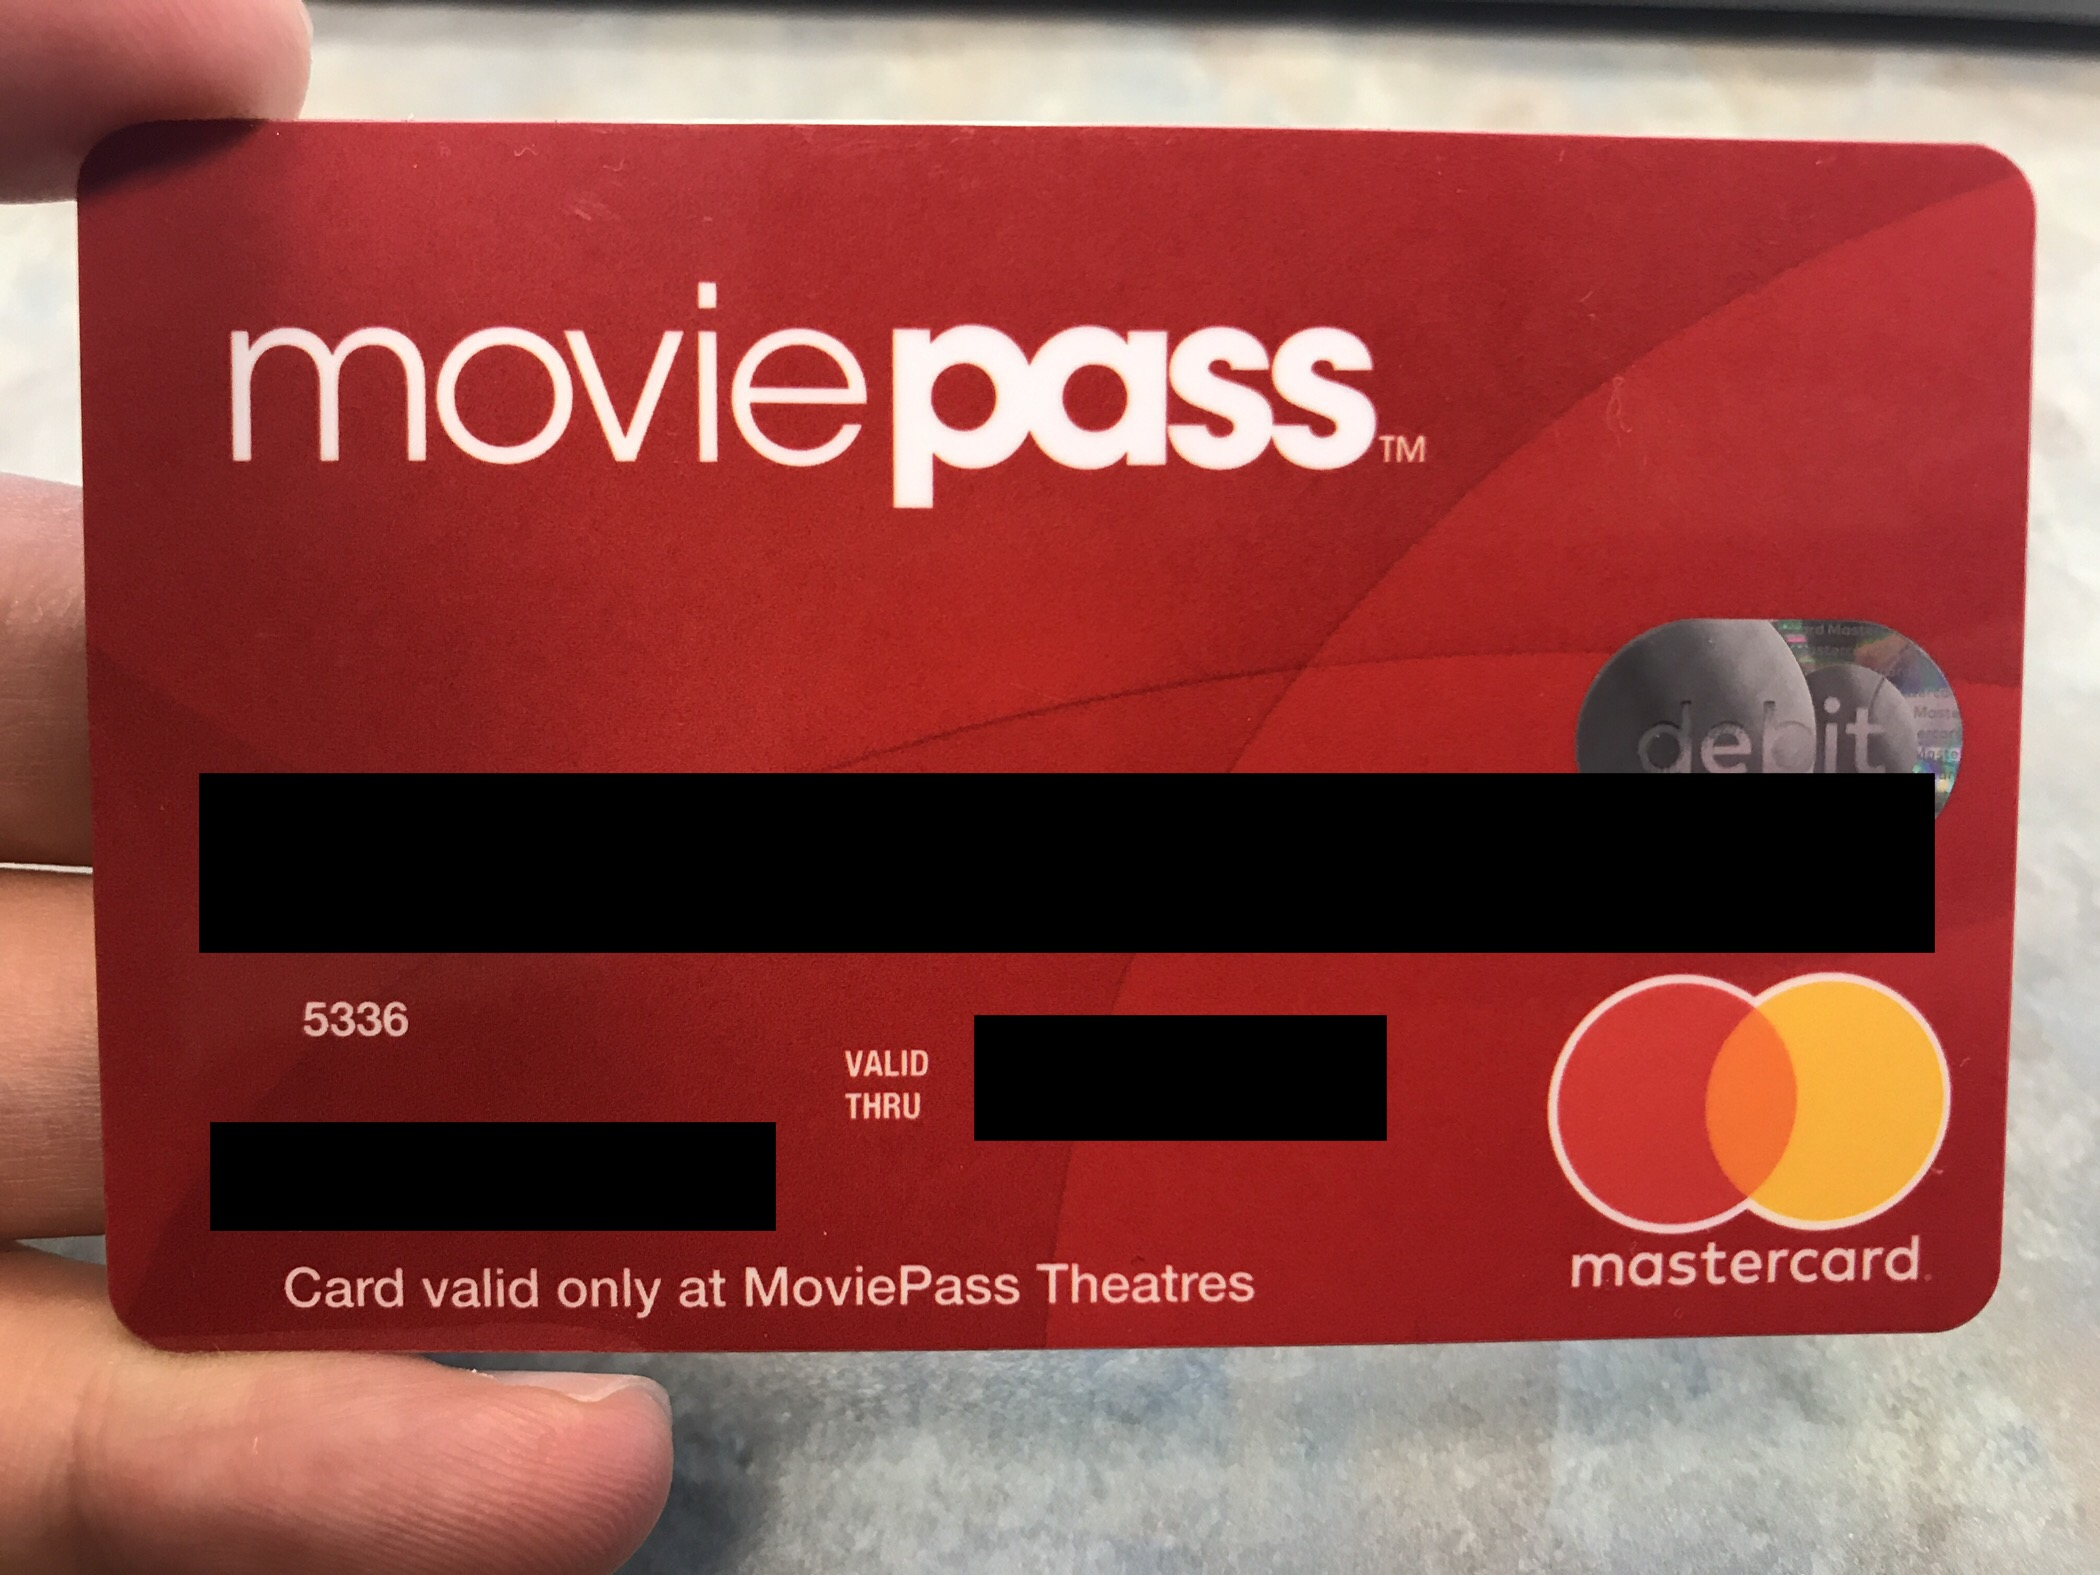 MoviePass Debit Mastercard